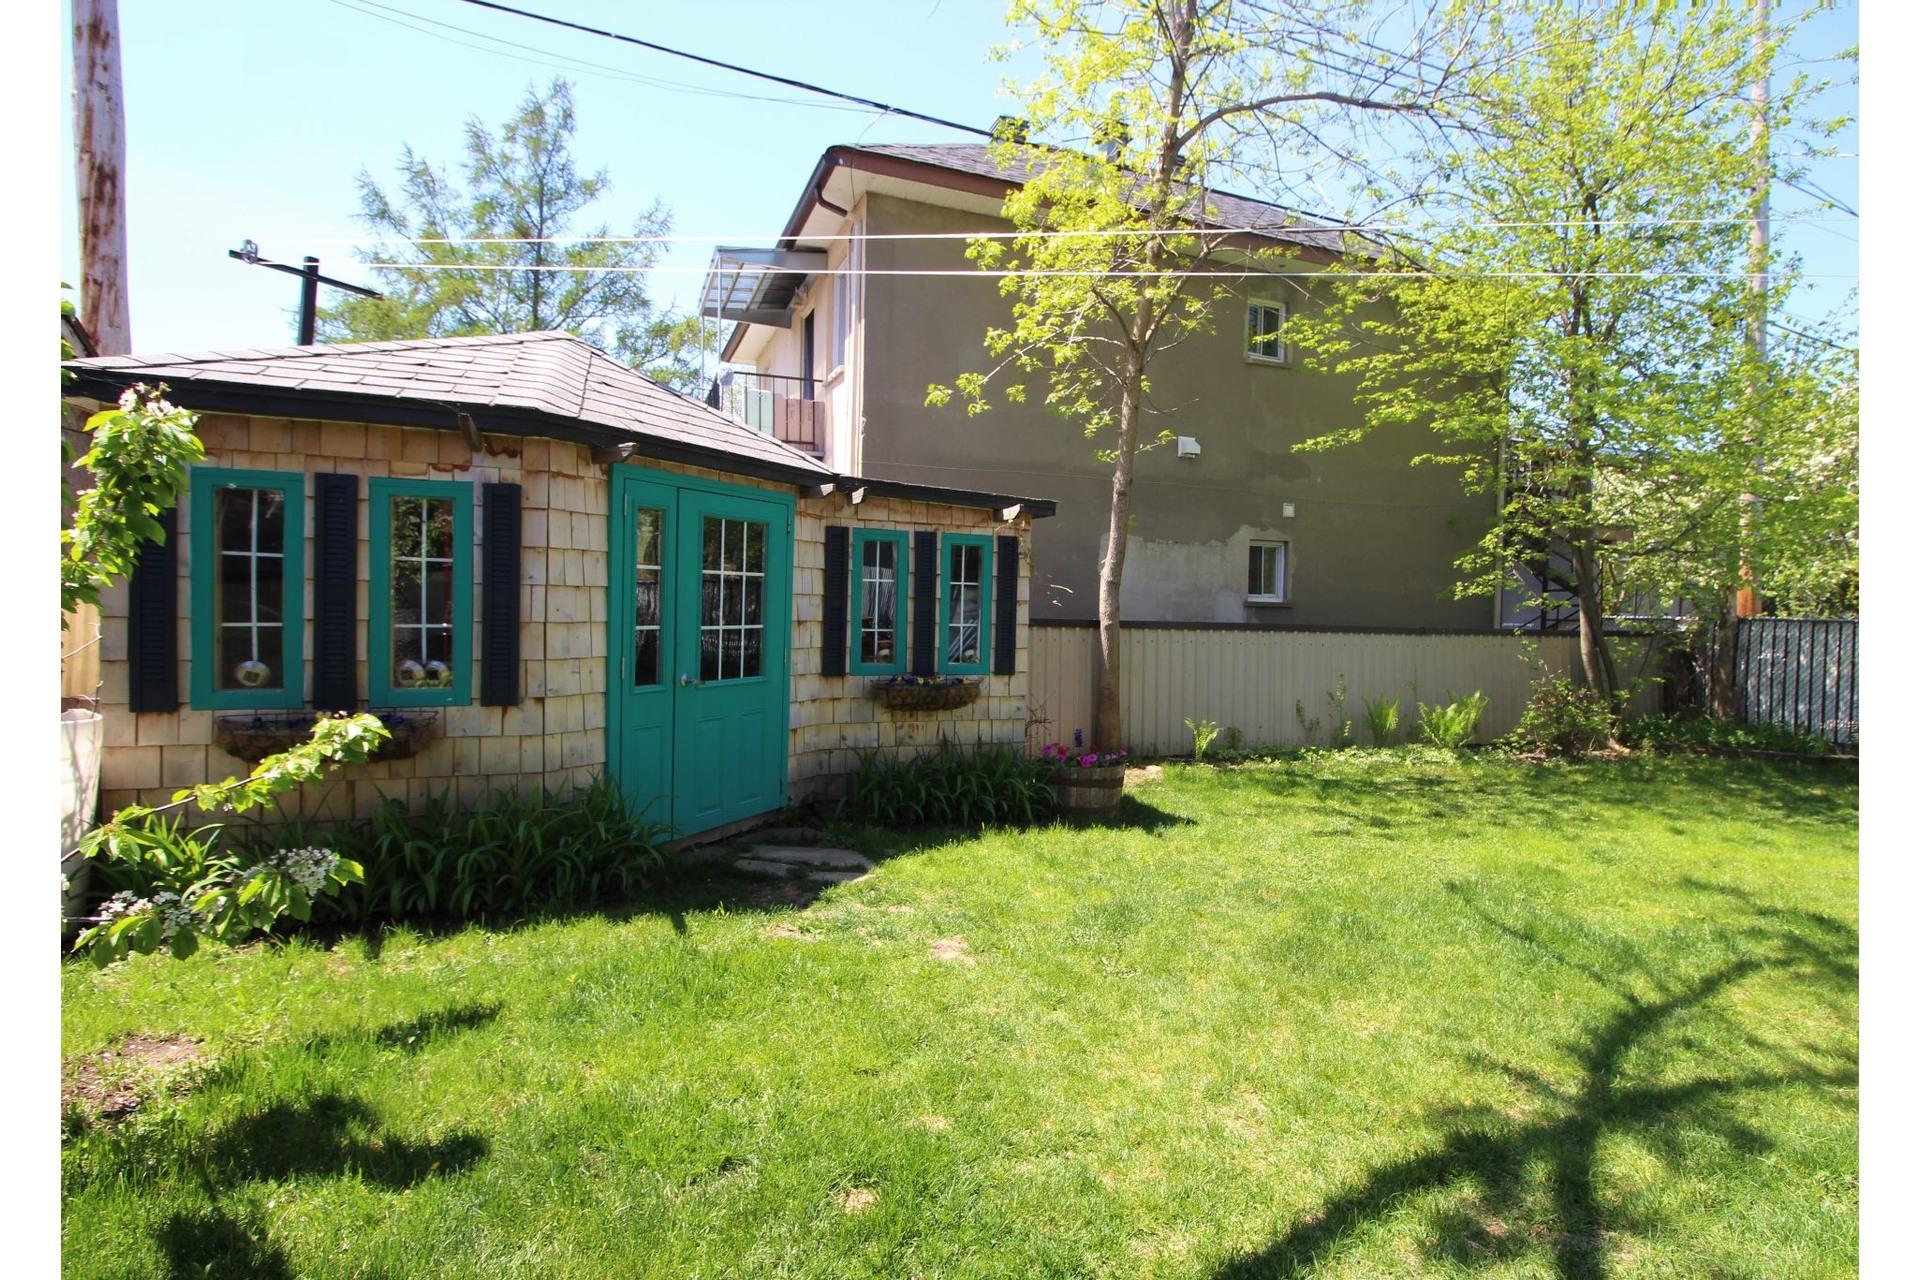 image 24 - House For sale Rivière-des-Prairies/Pointe-aux-Trembles Montréal  - 8 rooms